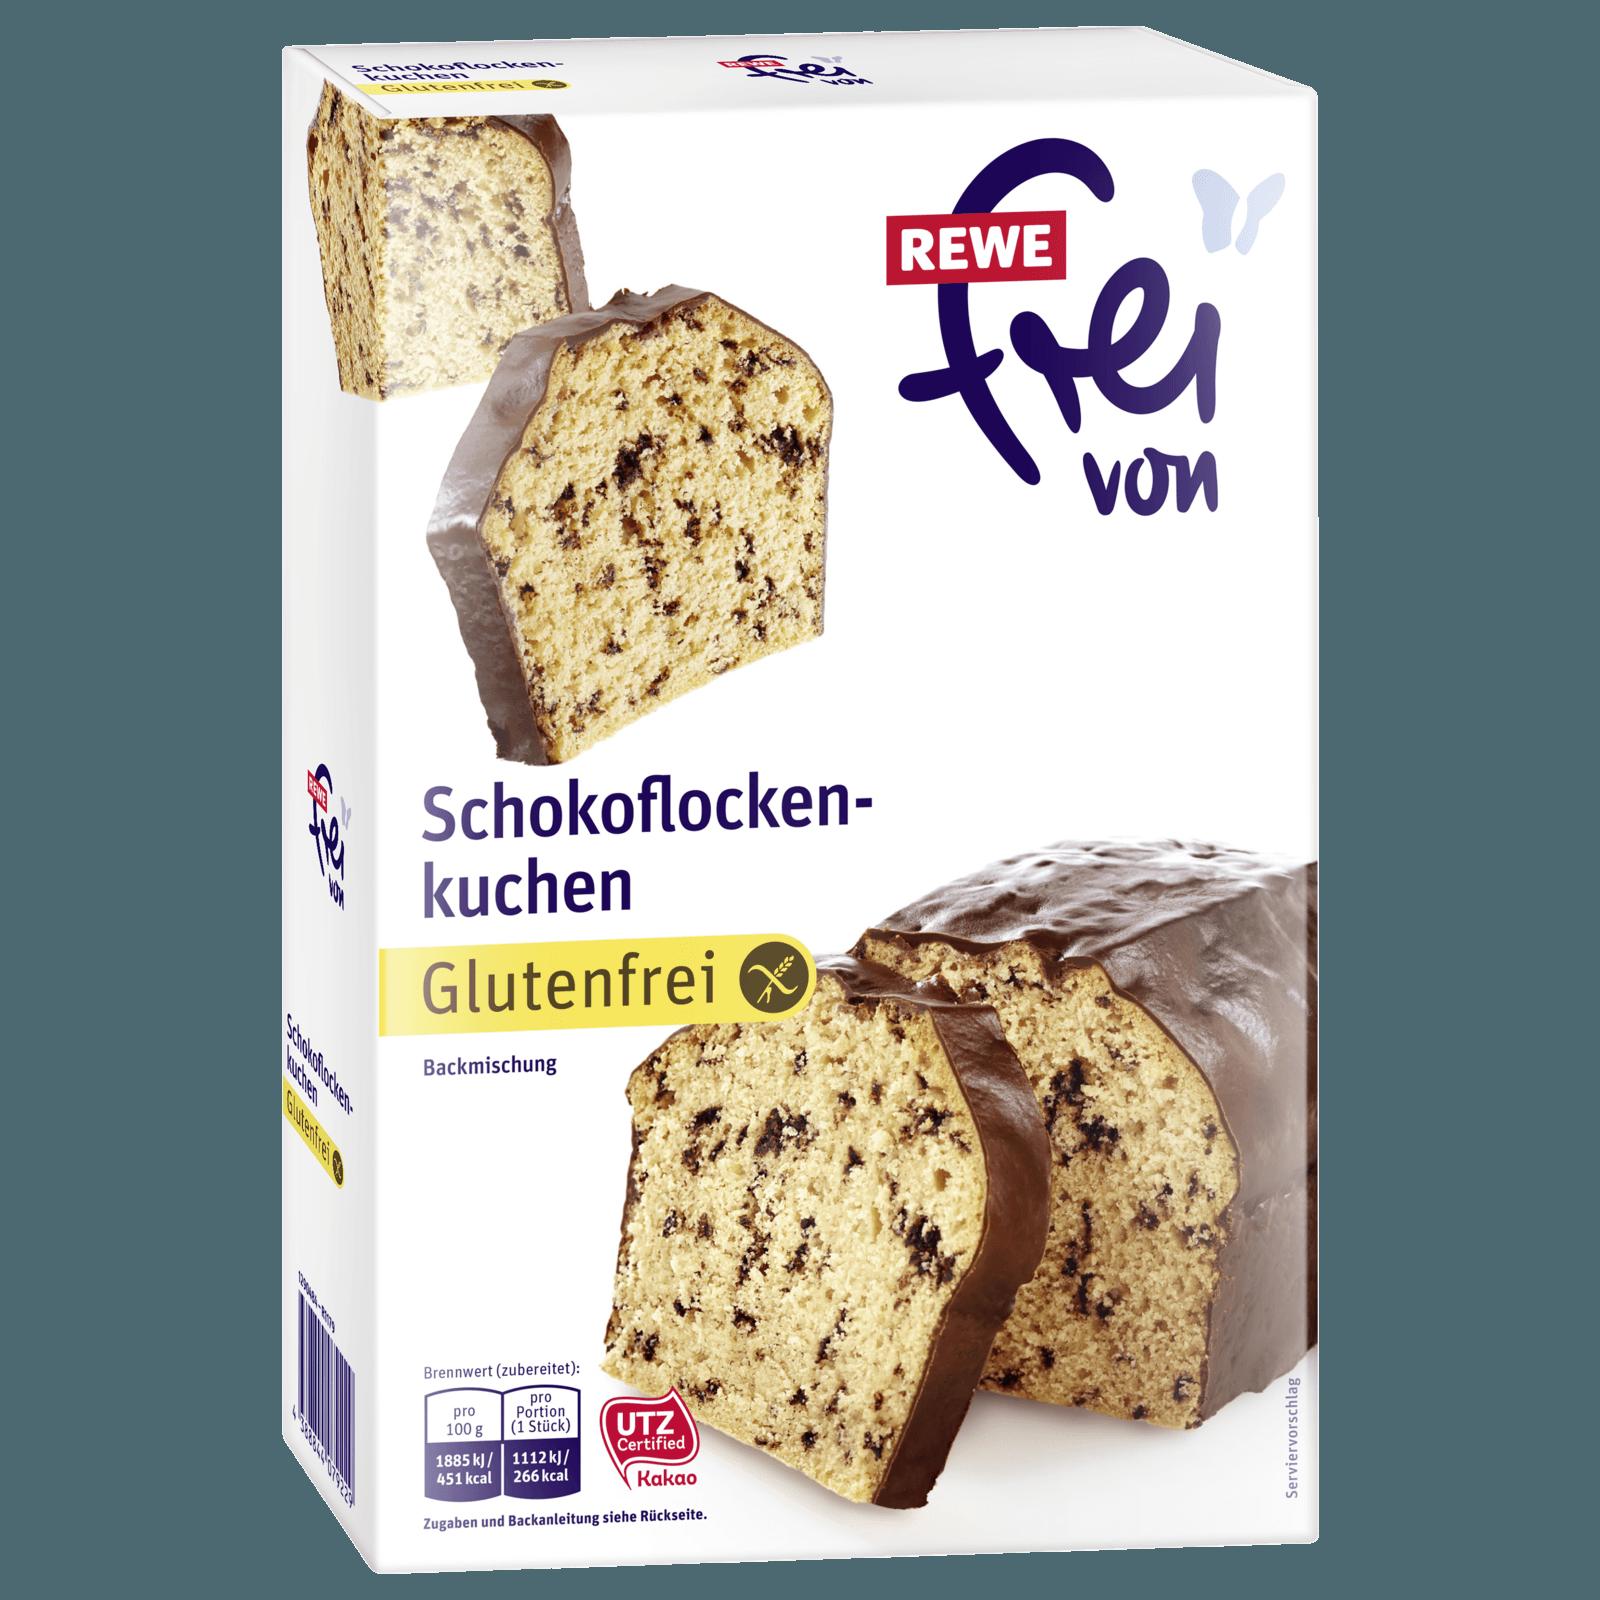 Rewe Frei Von Schokoflockenkuchen 455g Bei Rewe Online Bestellen